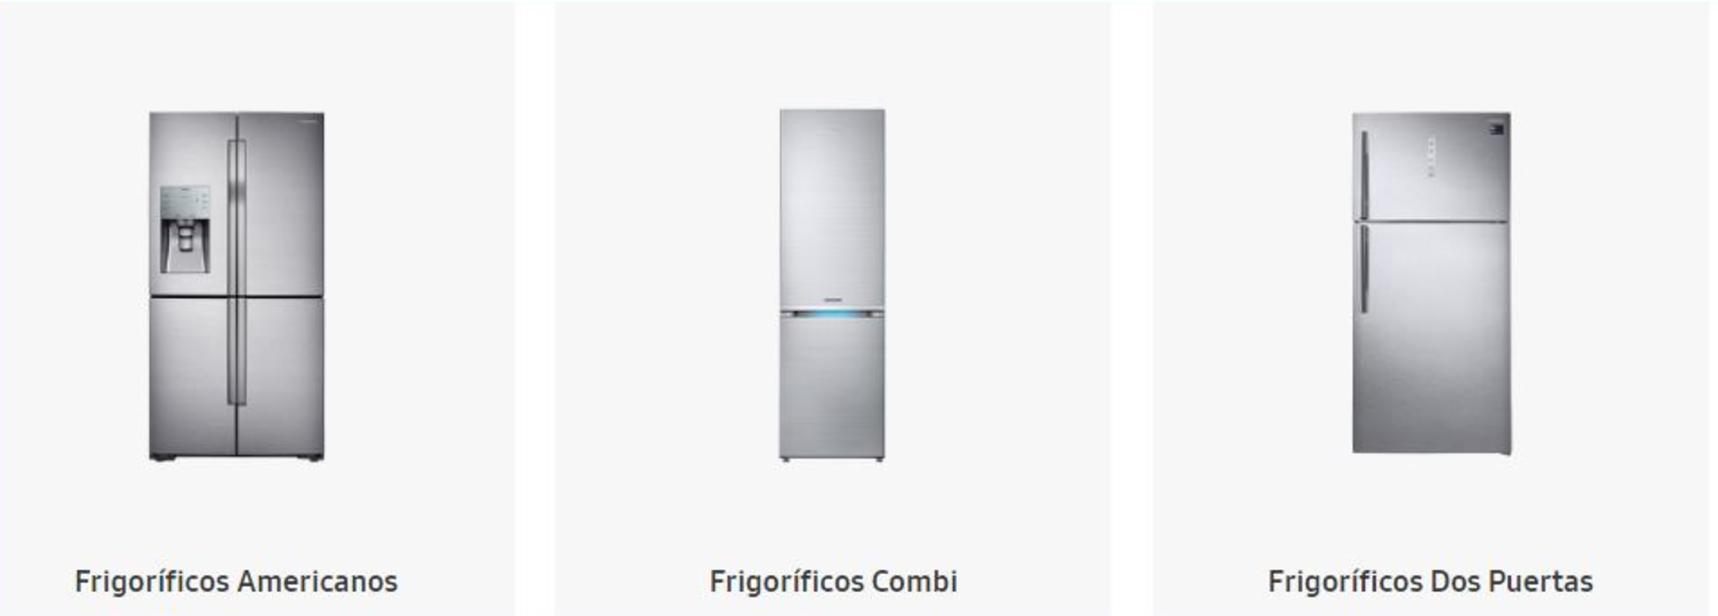 Promoci n llenamos tu nevera te interesa si tienes que renovar frigor fico - Frigorificos de dos puertas ...